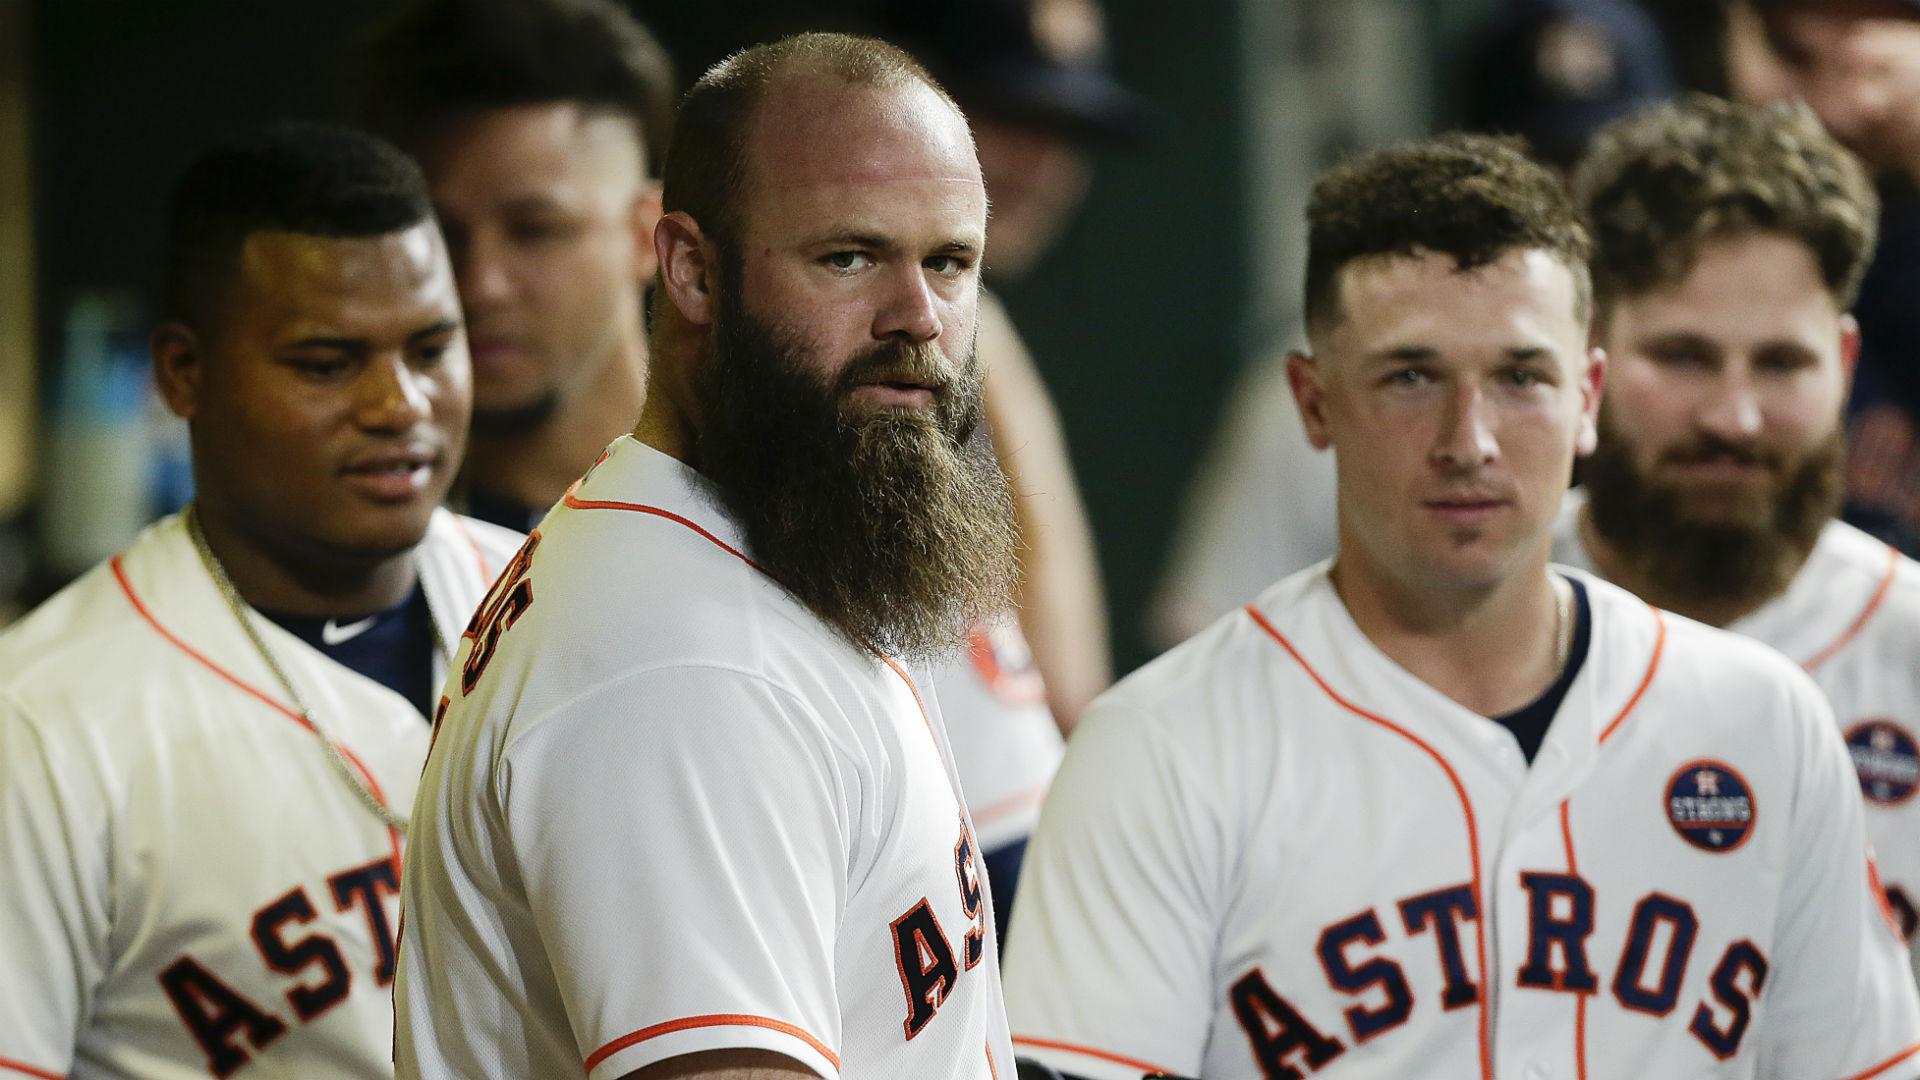 El ex toletero de los Astros, Evan Gattis, explica la compra del vidrio 'soplones consigue puntadas' con Mike Fiers 44